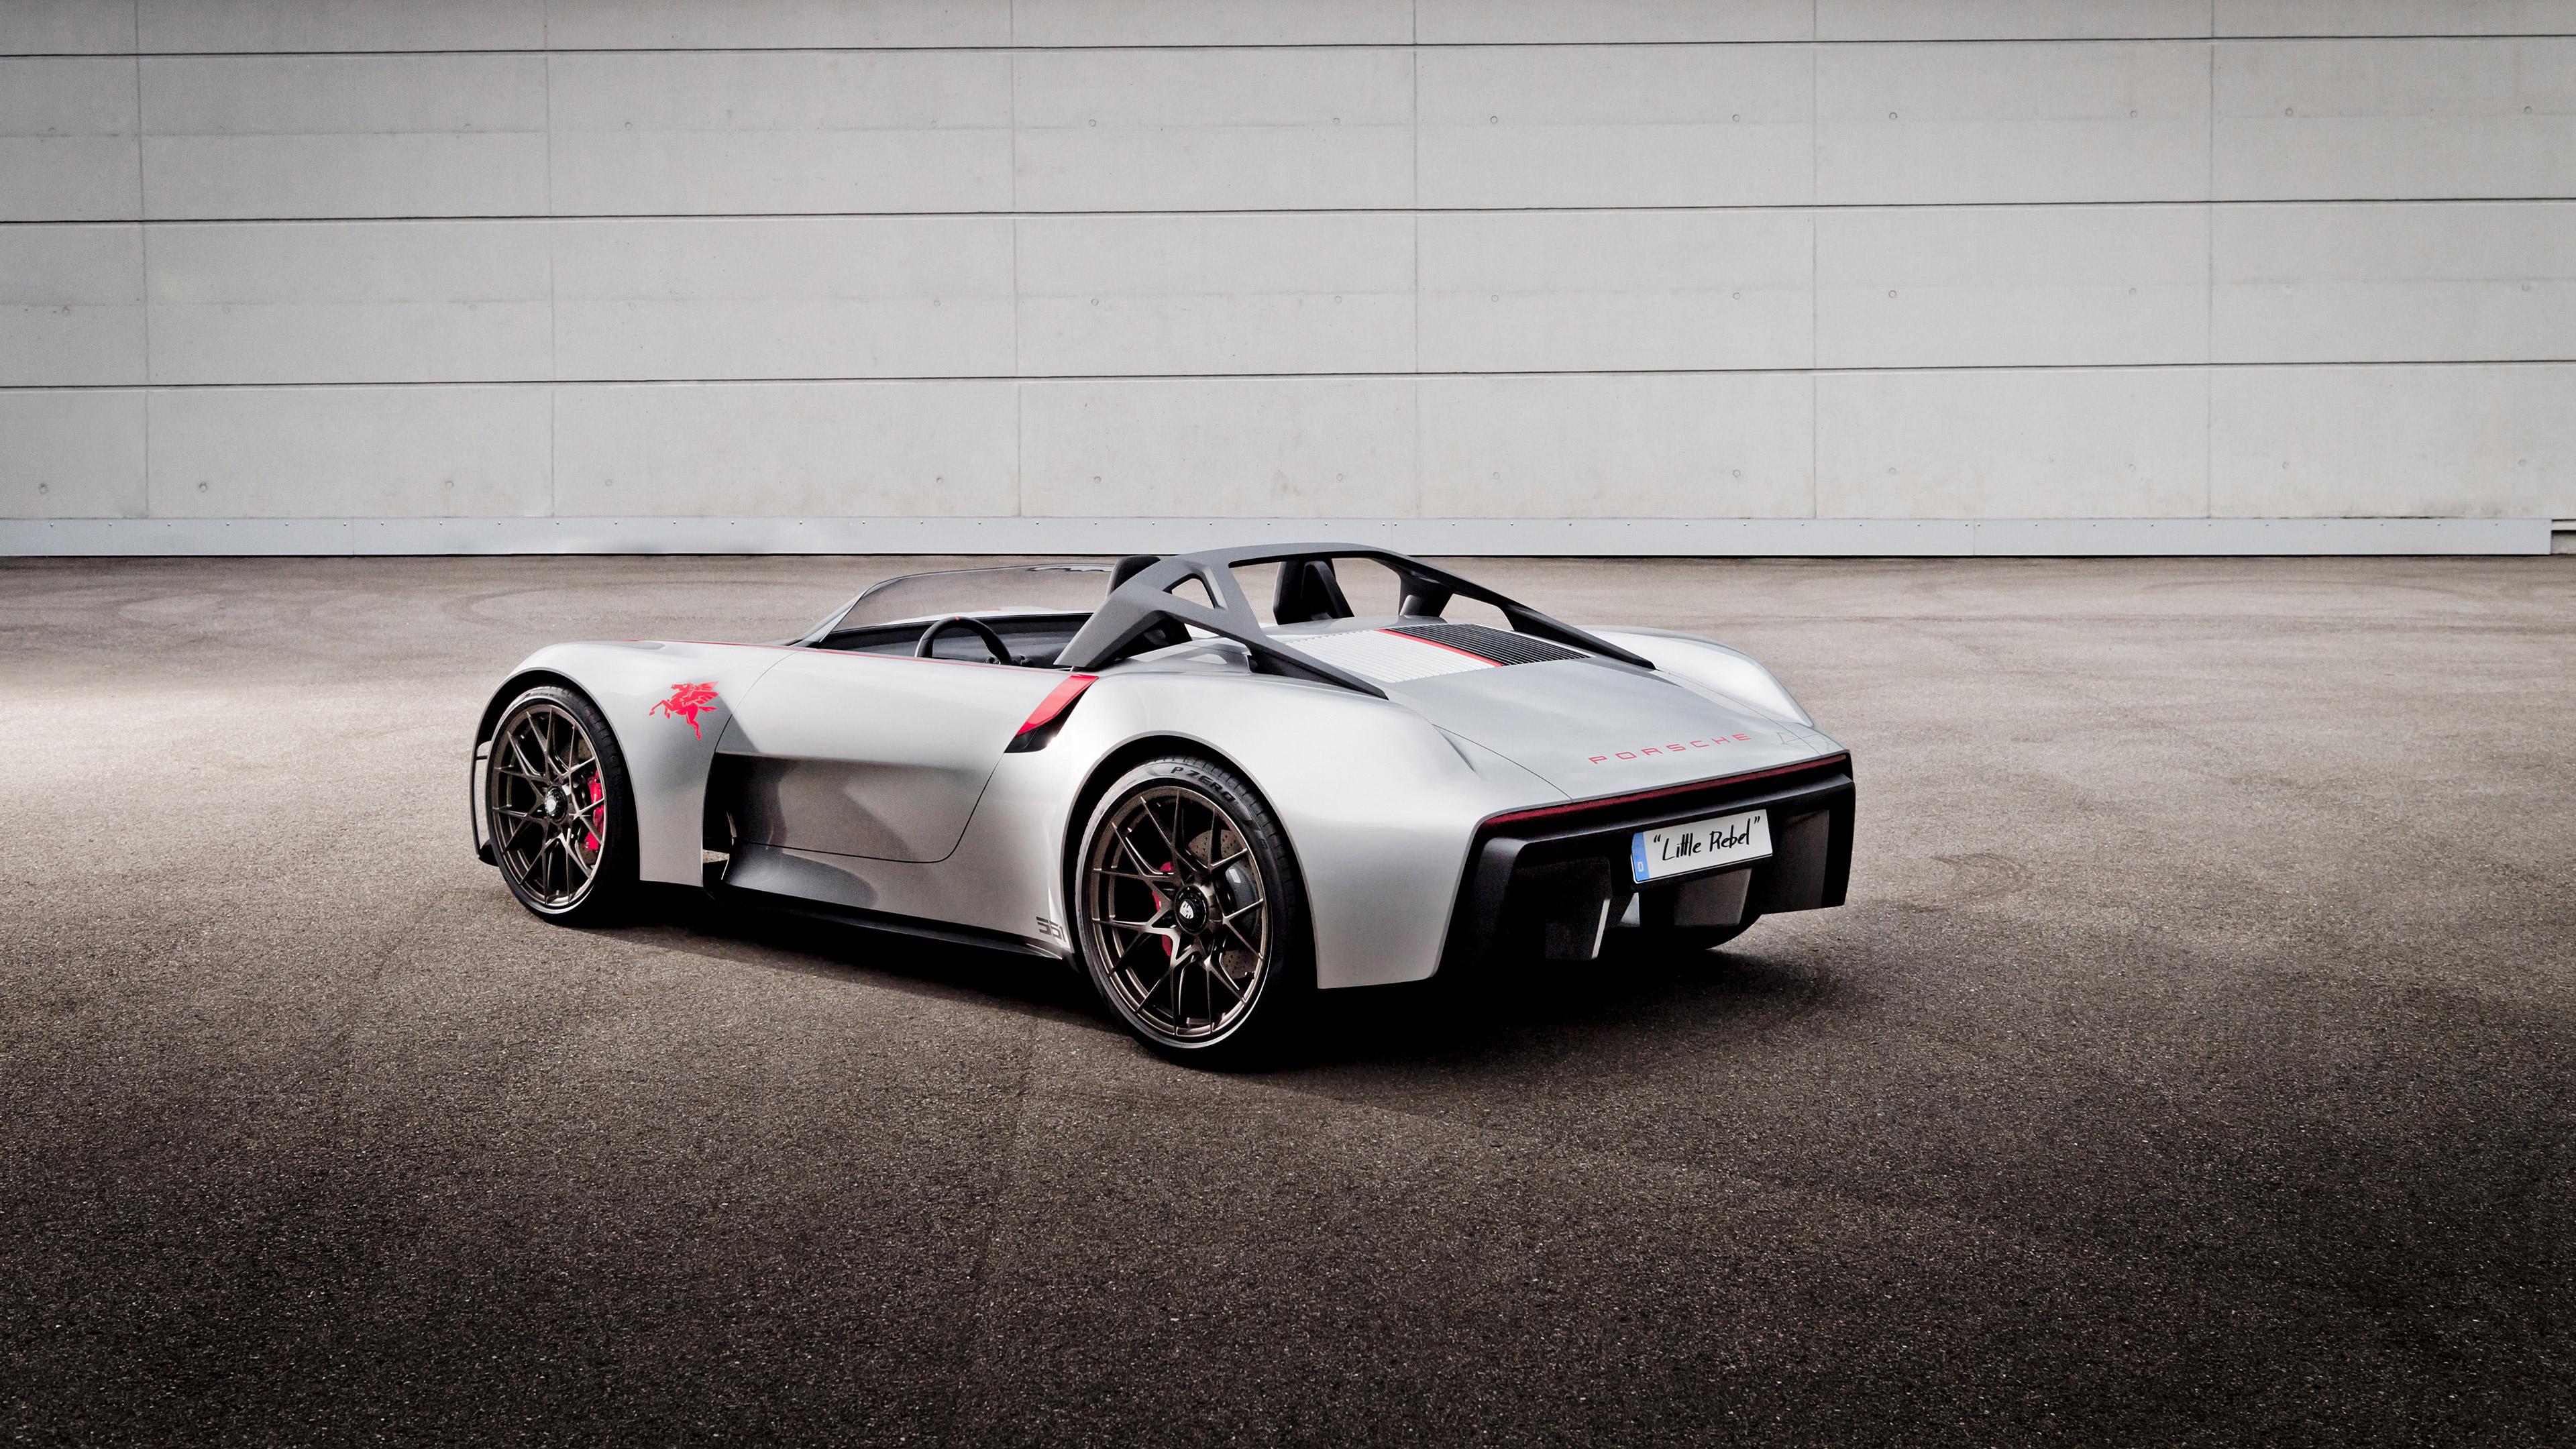 Porsche tiết lộ ba mẫu concept chưa từng ra mắt công chúng - Ảnh 3